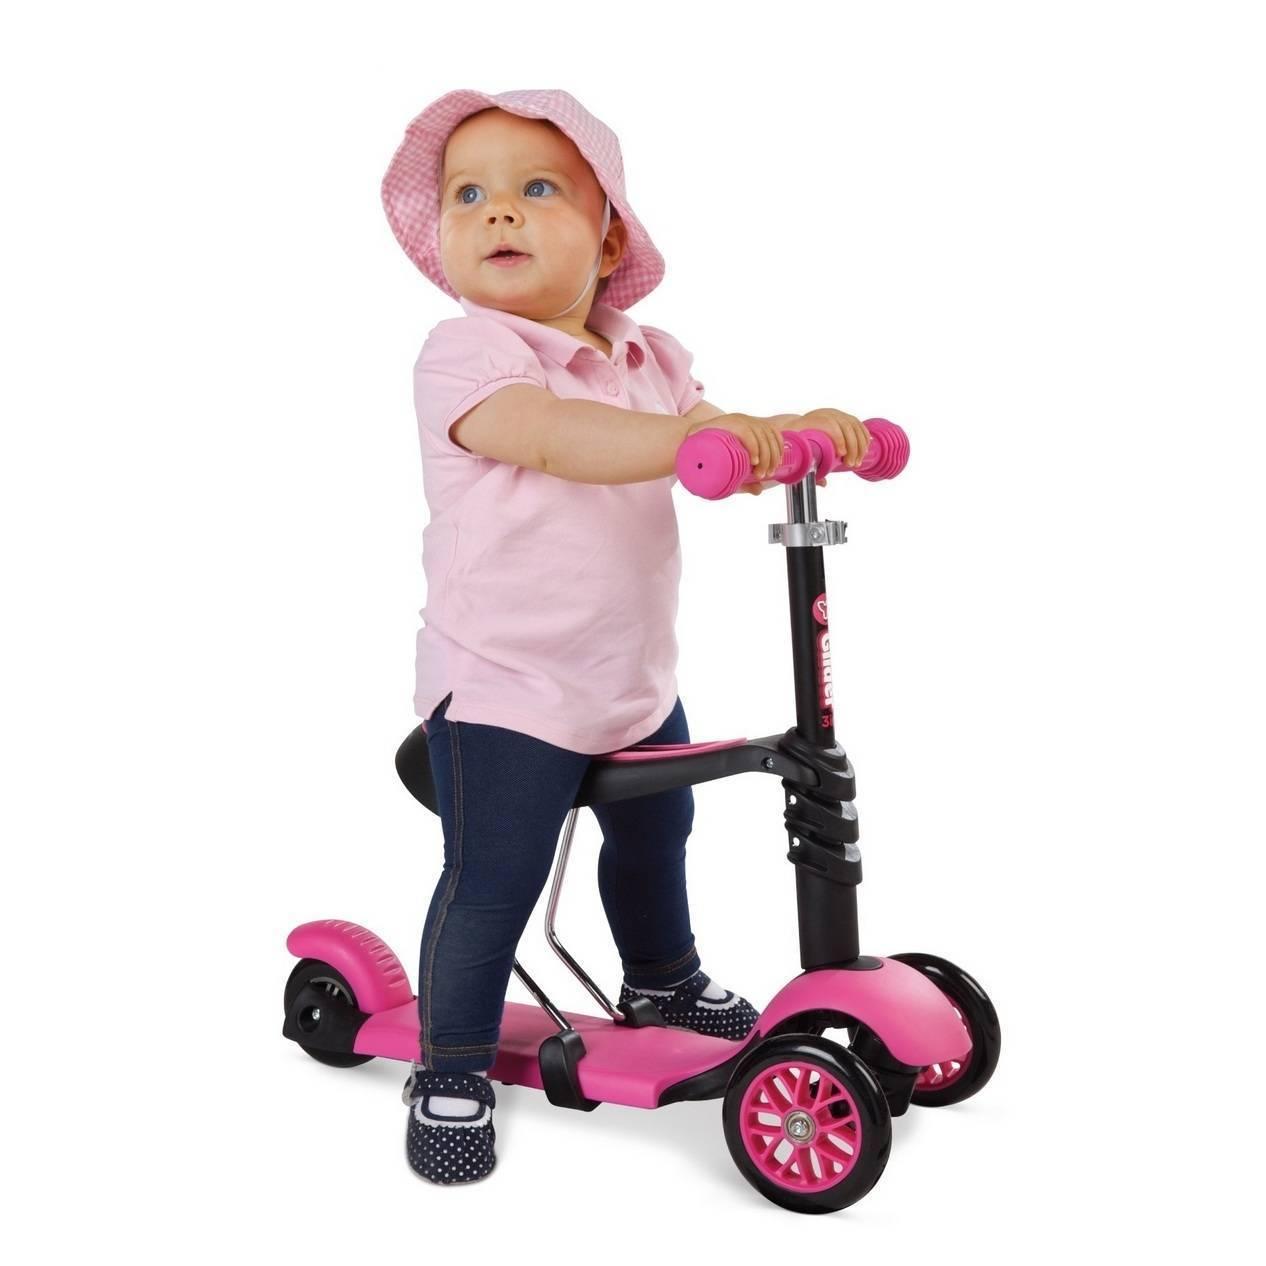 Самокат для детей: забава, транспортное средство или спортивный тренажер? как выбрать самокат для ребенка. электросамокат – с какого возраста можно кататься детям?